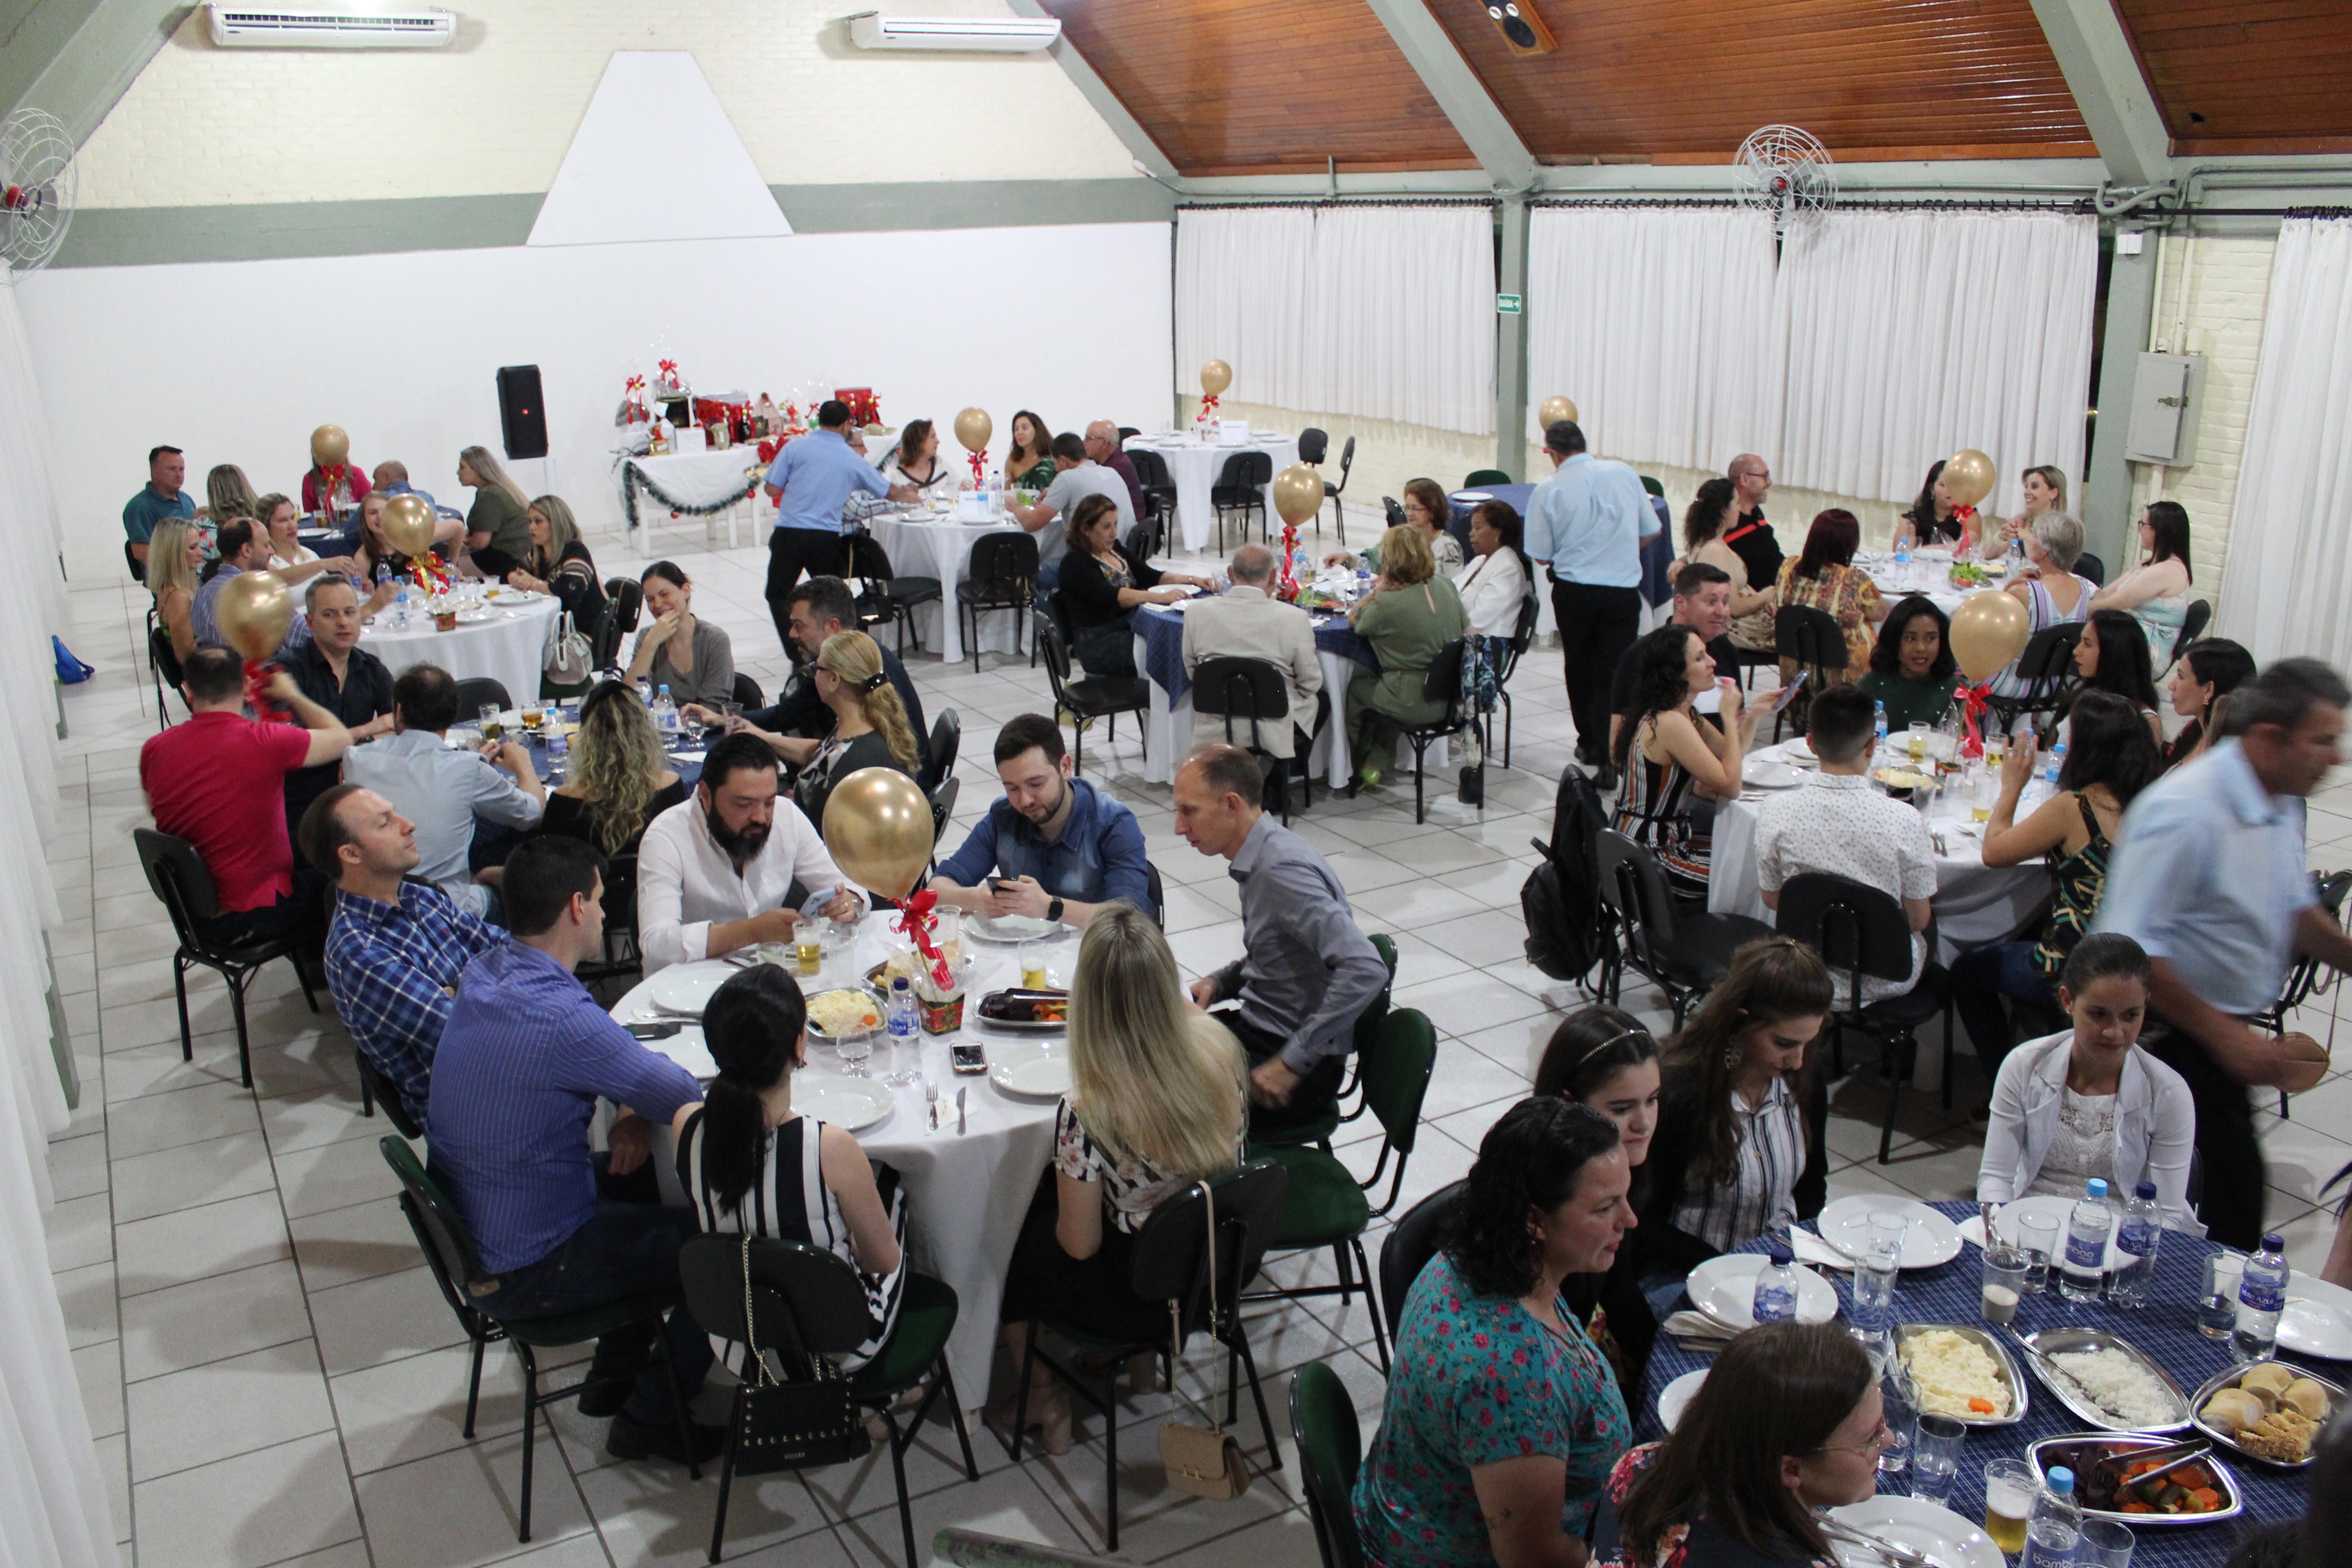 Jantar festivo marca fim de ano dos colaboradores do Hospital de Olhos Lions